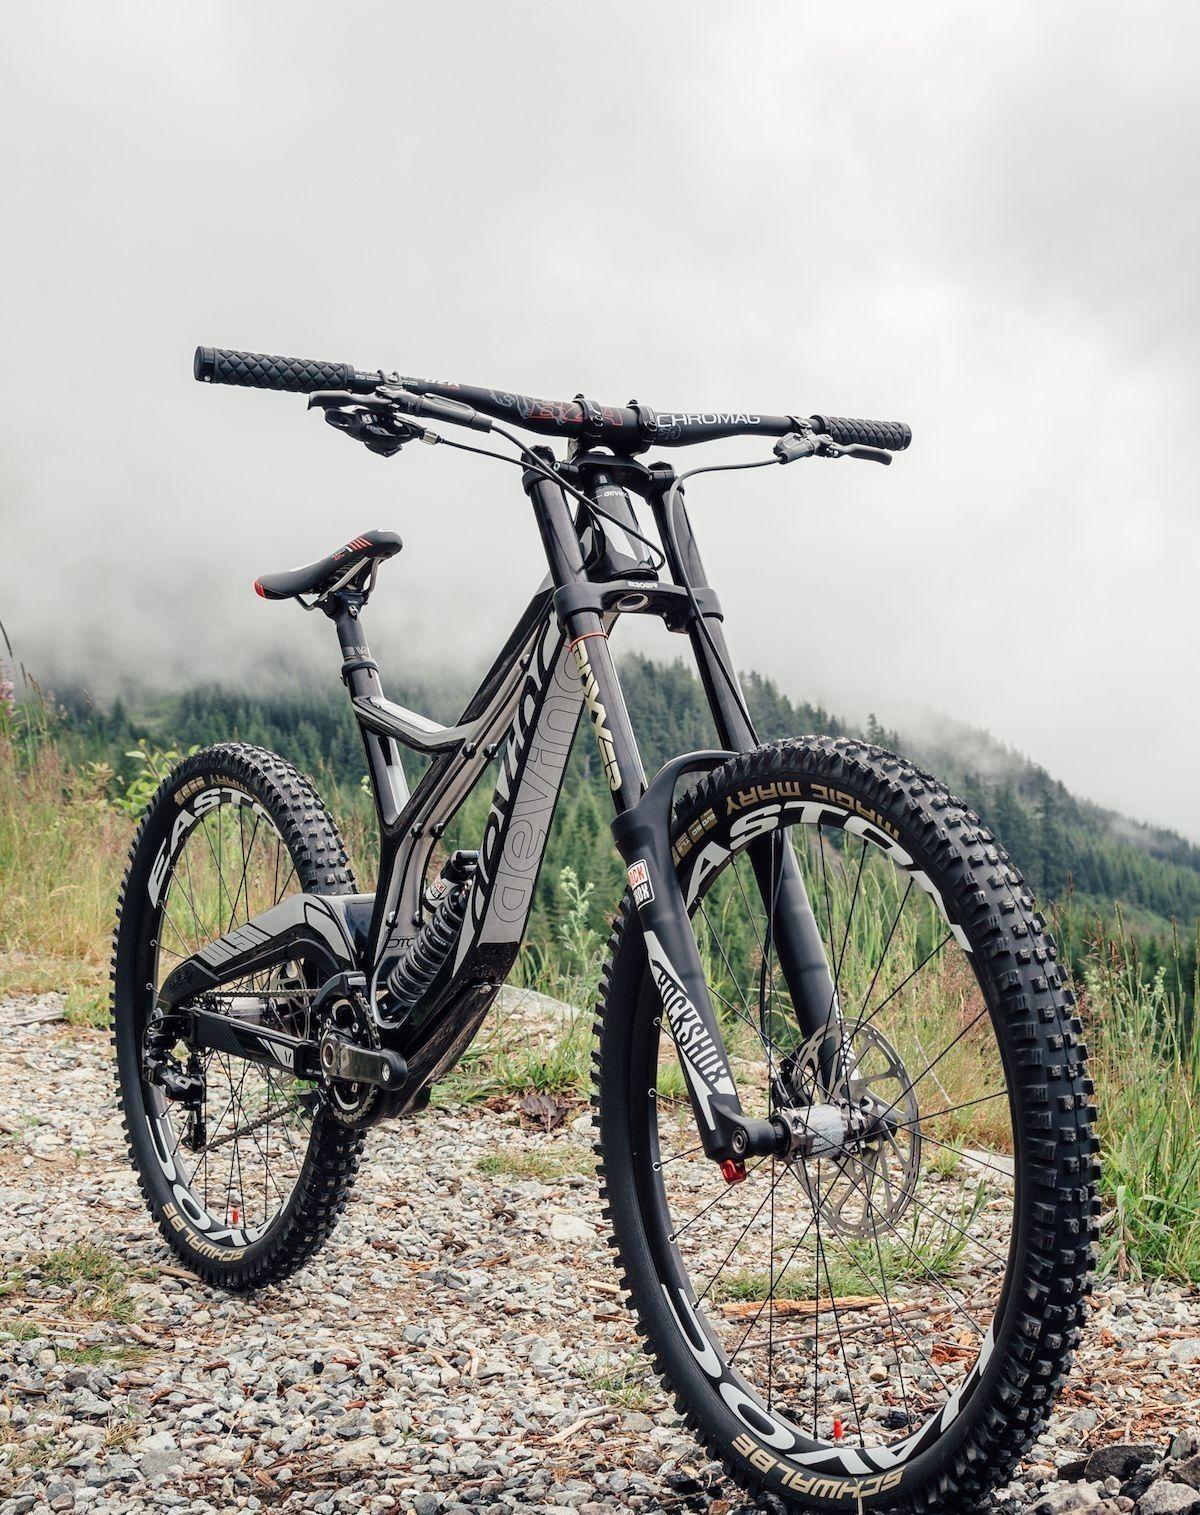 Pin By Dora Grubisic On Bikes Mtb Bike Mountain Best Road Bike